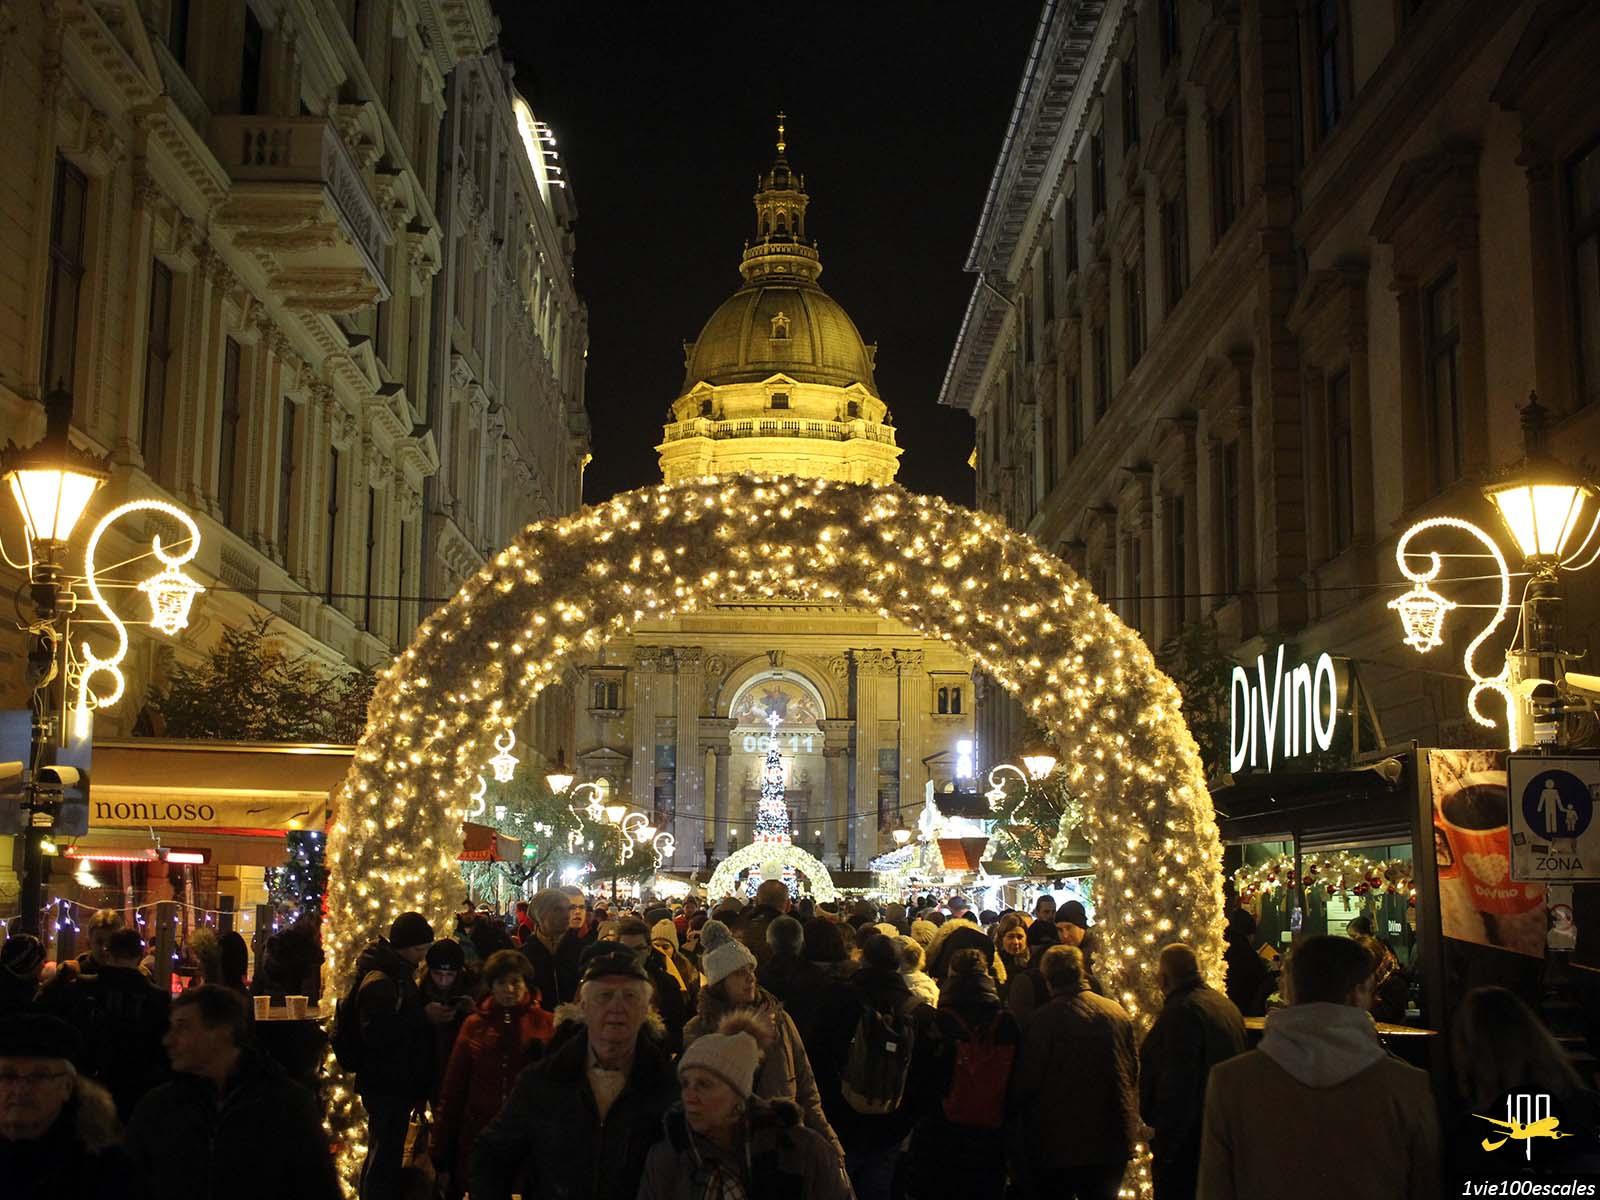 Les magnifiques illuminations de Noel dans les rues de Budapest